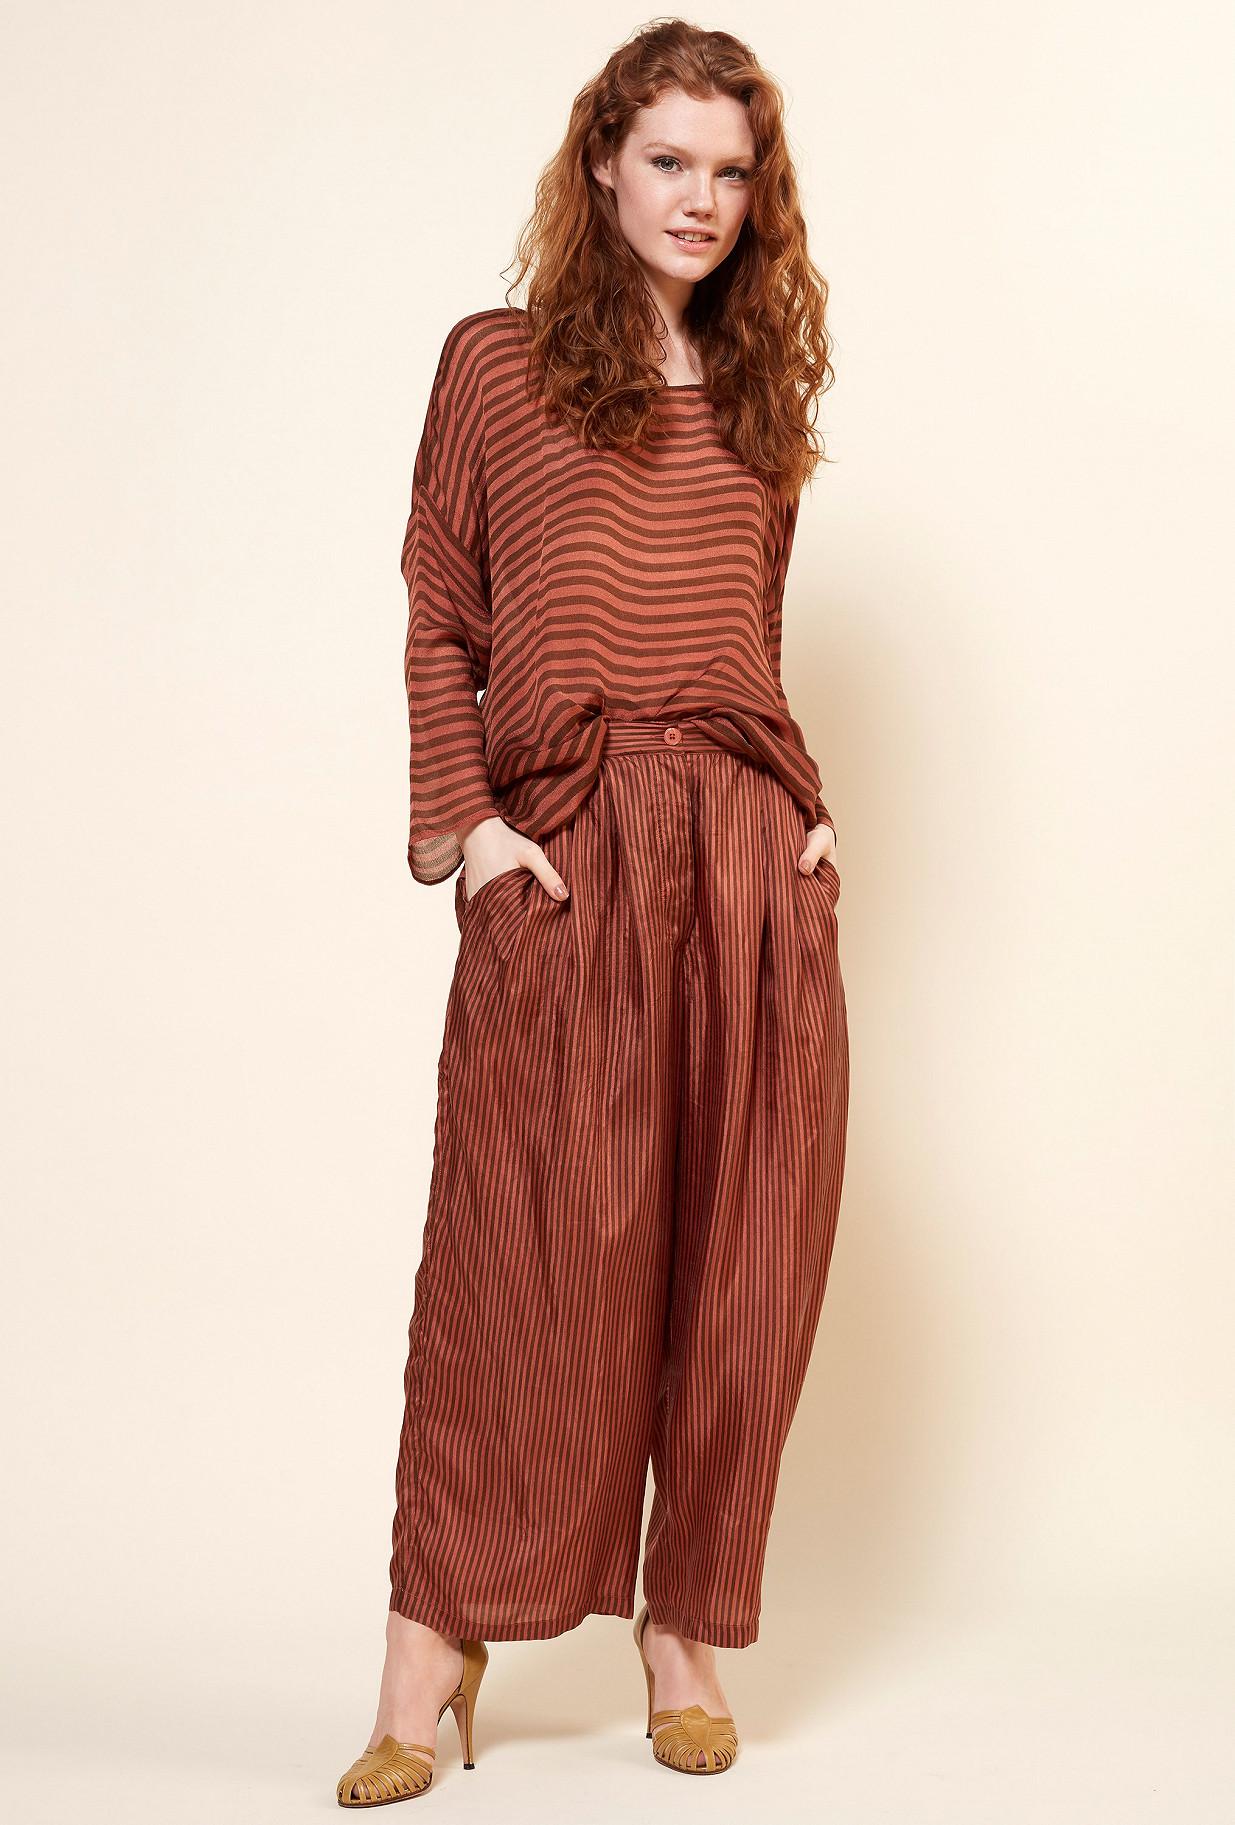 Paris clothes store PANT  Persephone french designer fashion Paris